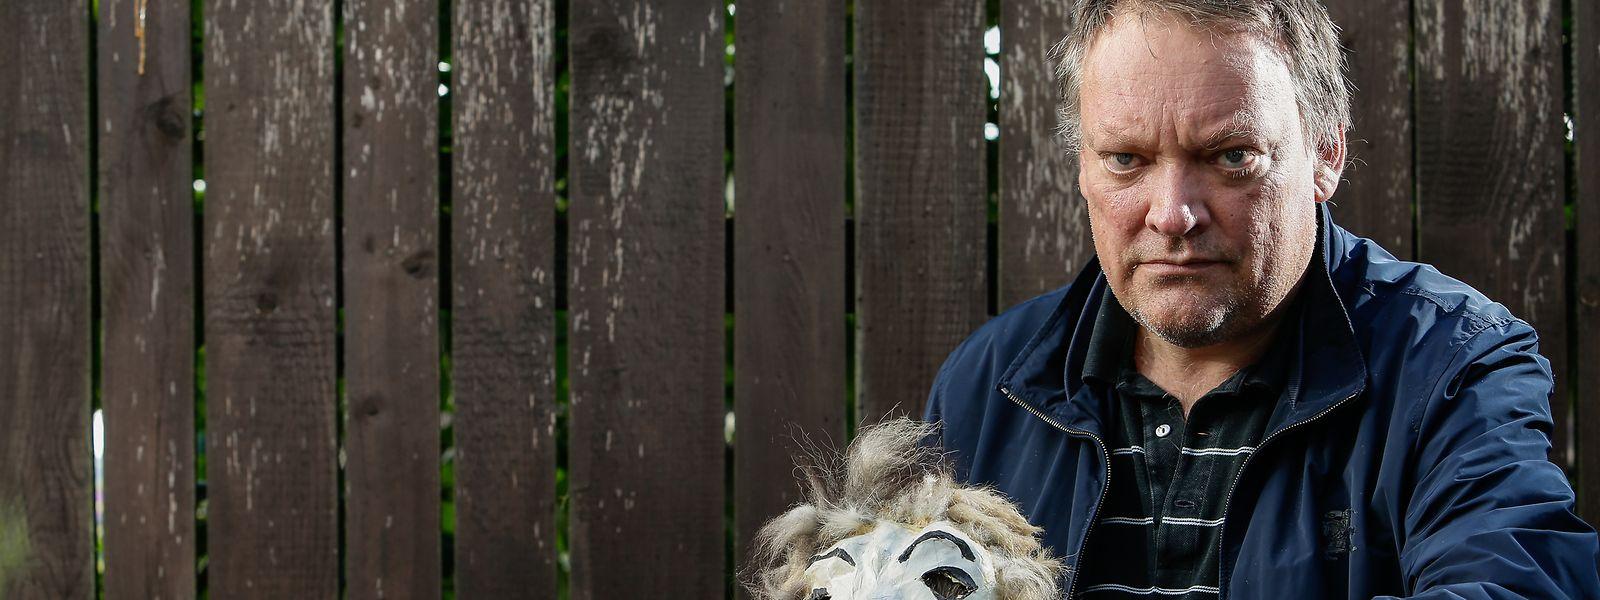 Völlig unerwartet ist Filmregisseur und Produzent Pol Cruchten am 3. Juli verstorben.